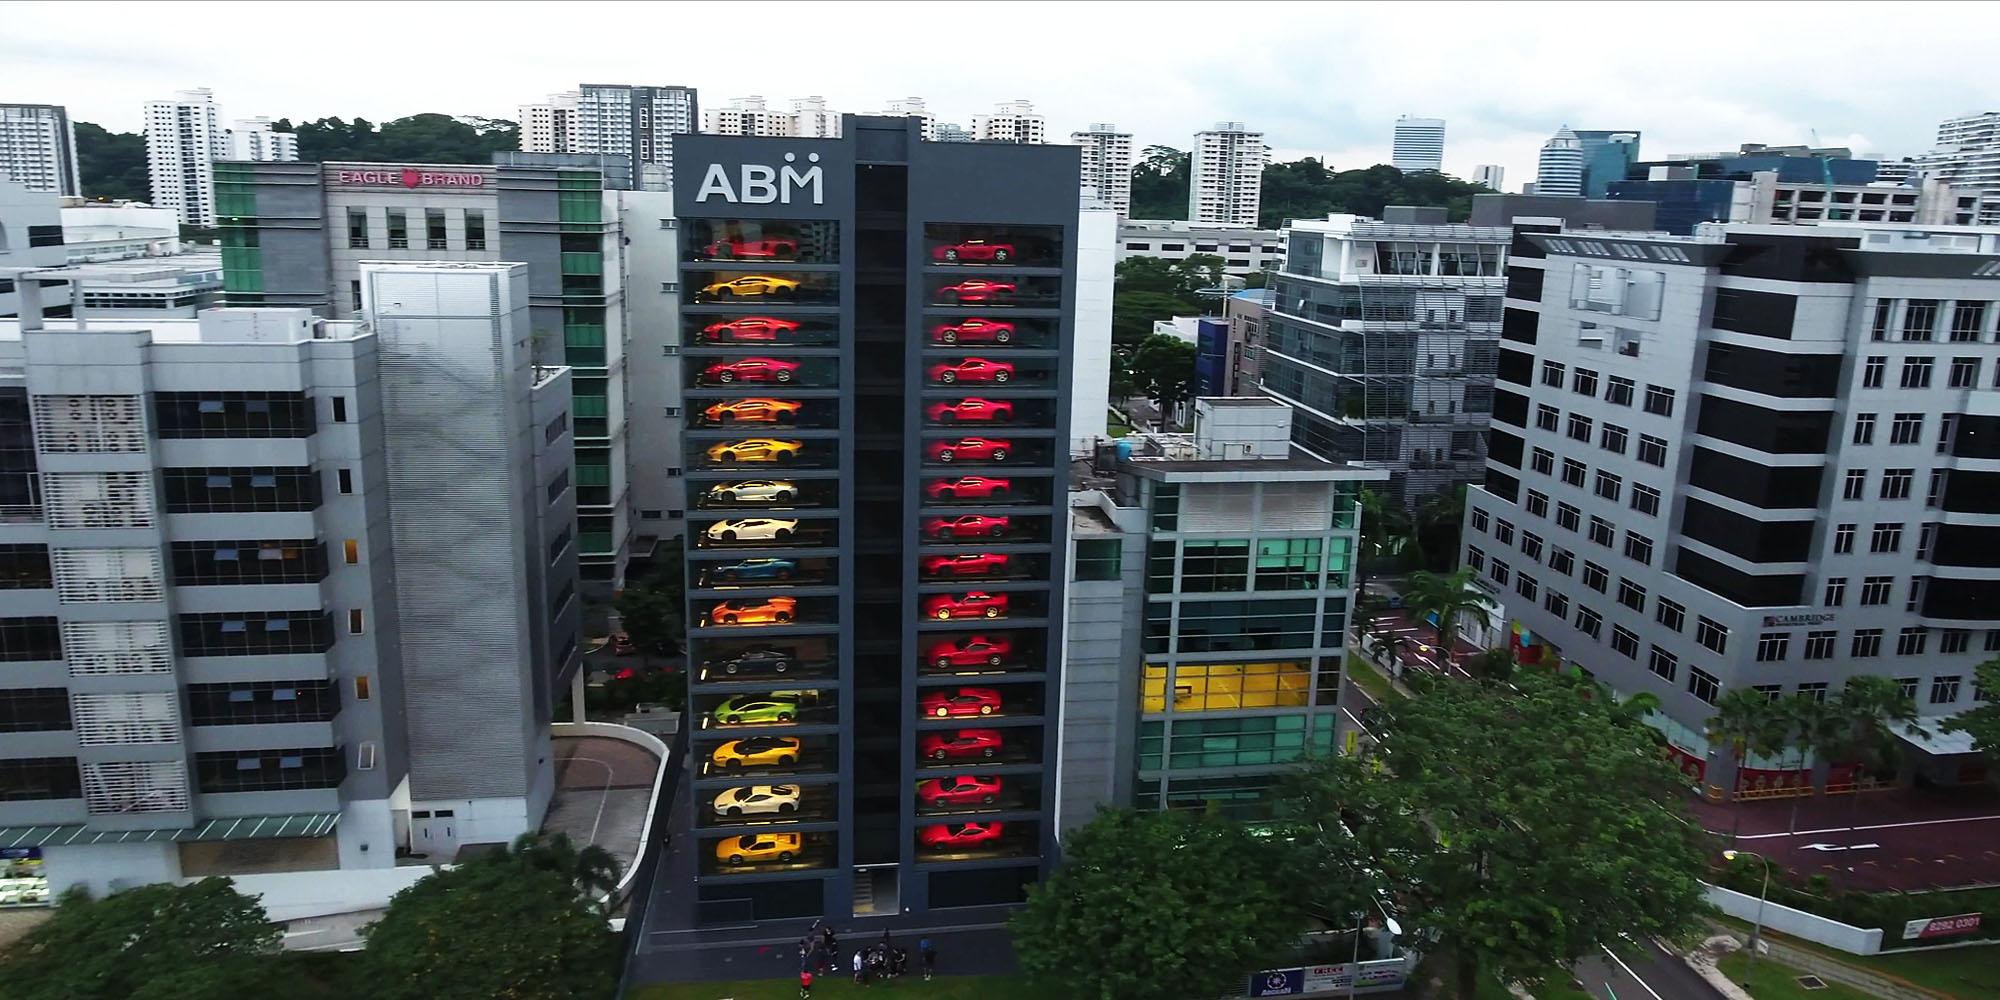 В Сингапуре построили 15-этажный дом-автомат по продаже автомобилей